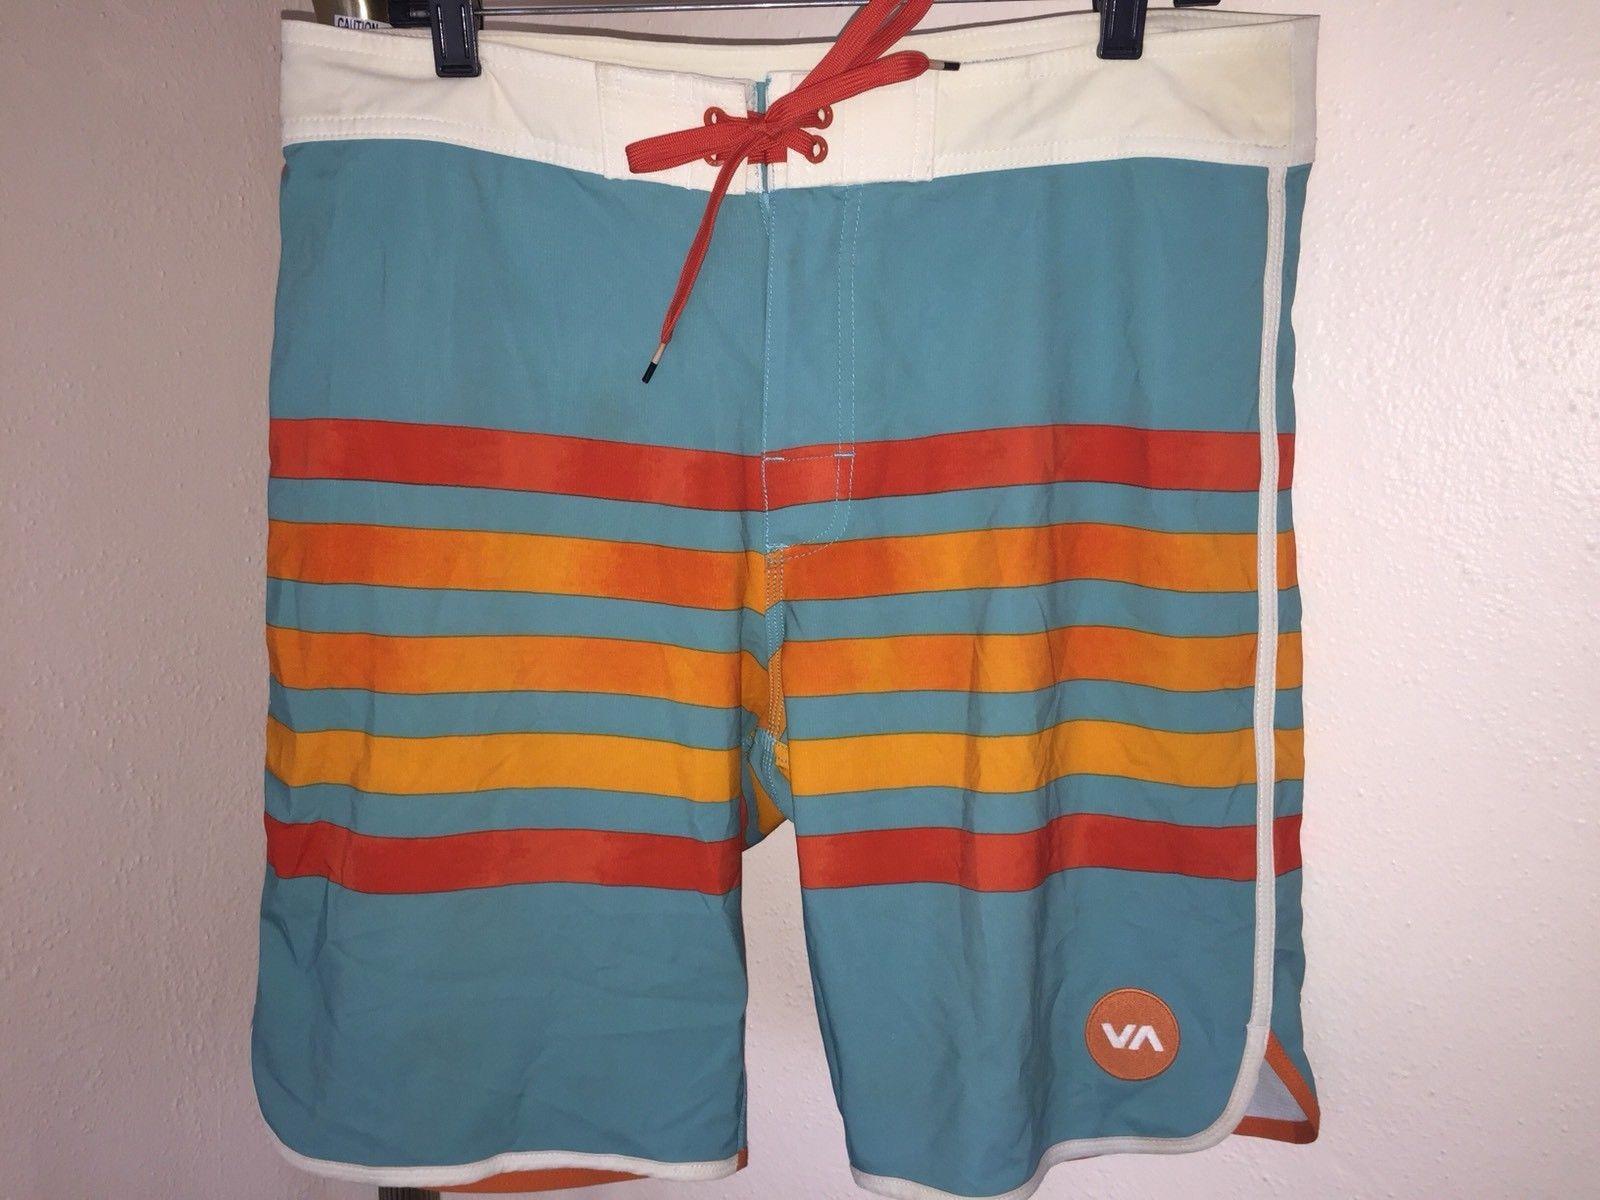 bb91fa91f5 S l1600. S l1600. Previous. Men's RVCA Striped 4-Way Performance Stretch Boardshorts  Size 33